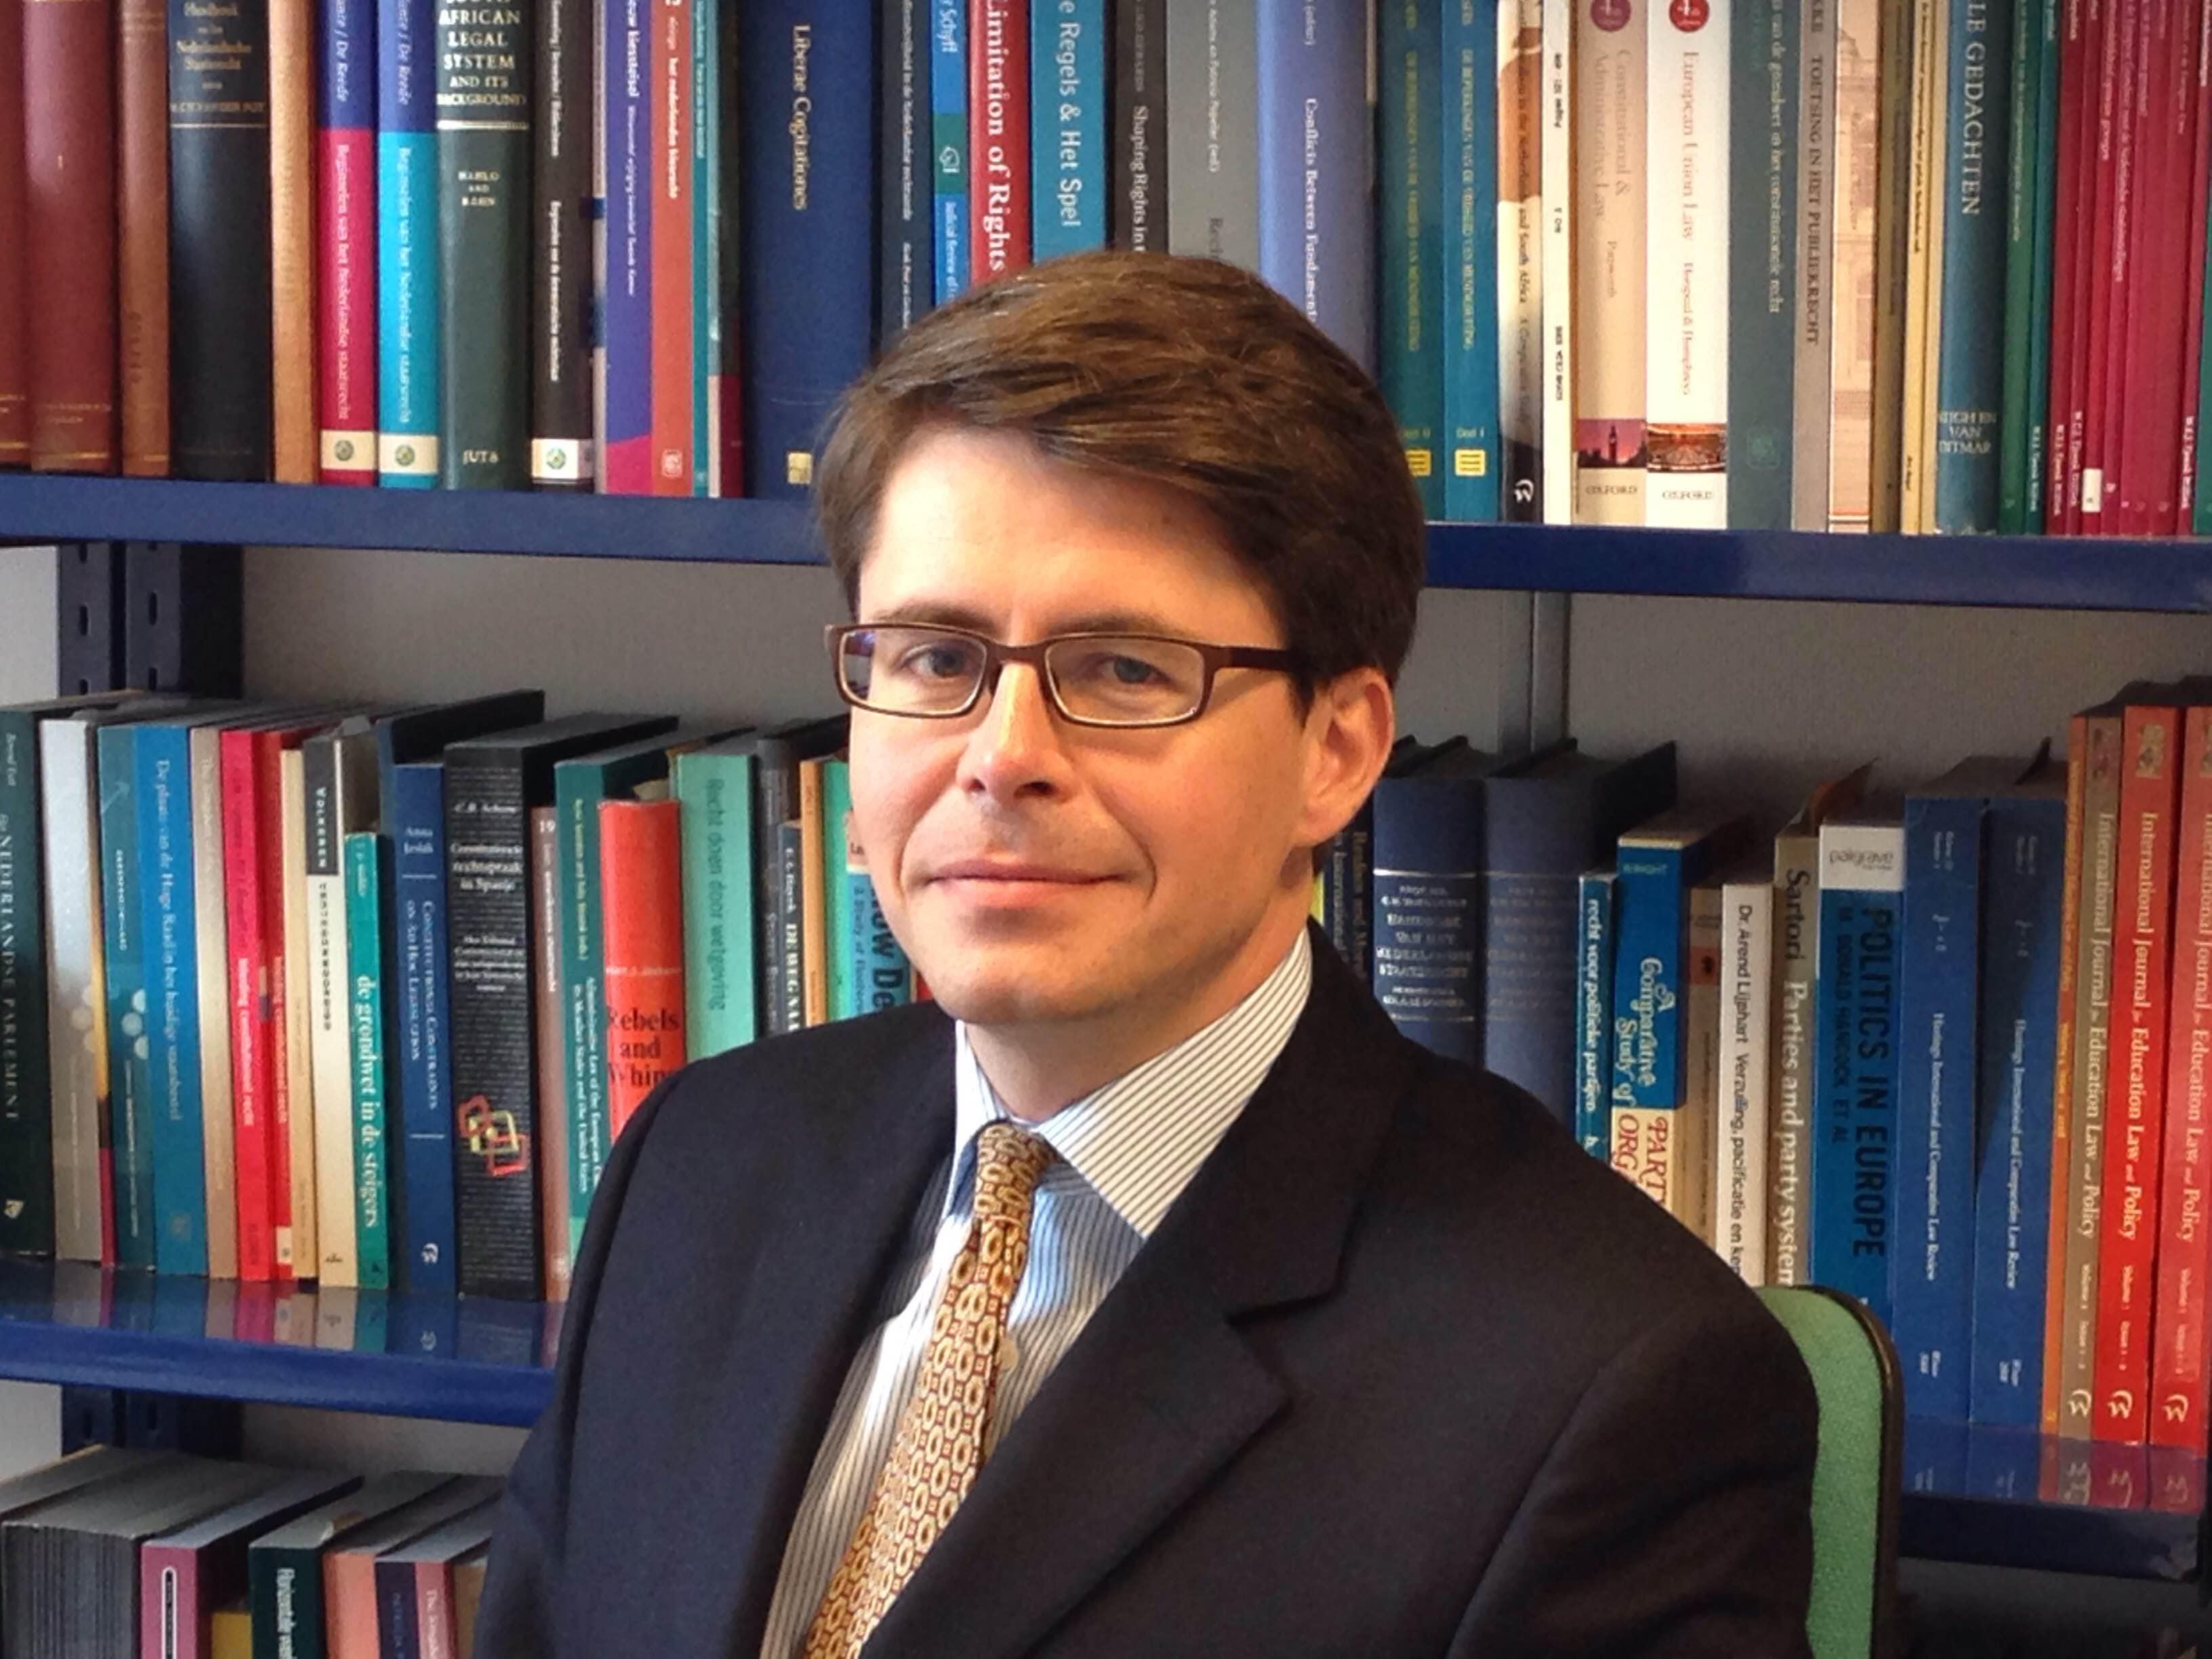 Gerhard van der Schyff